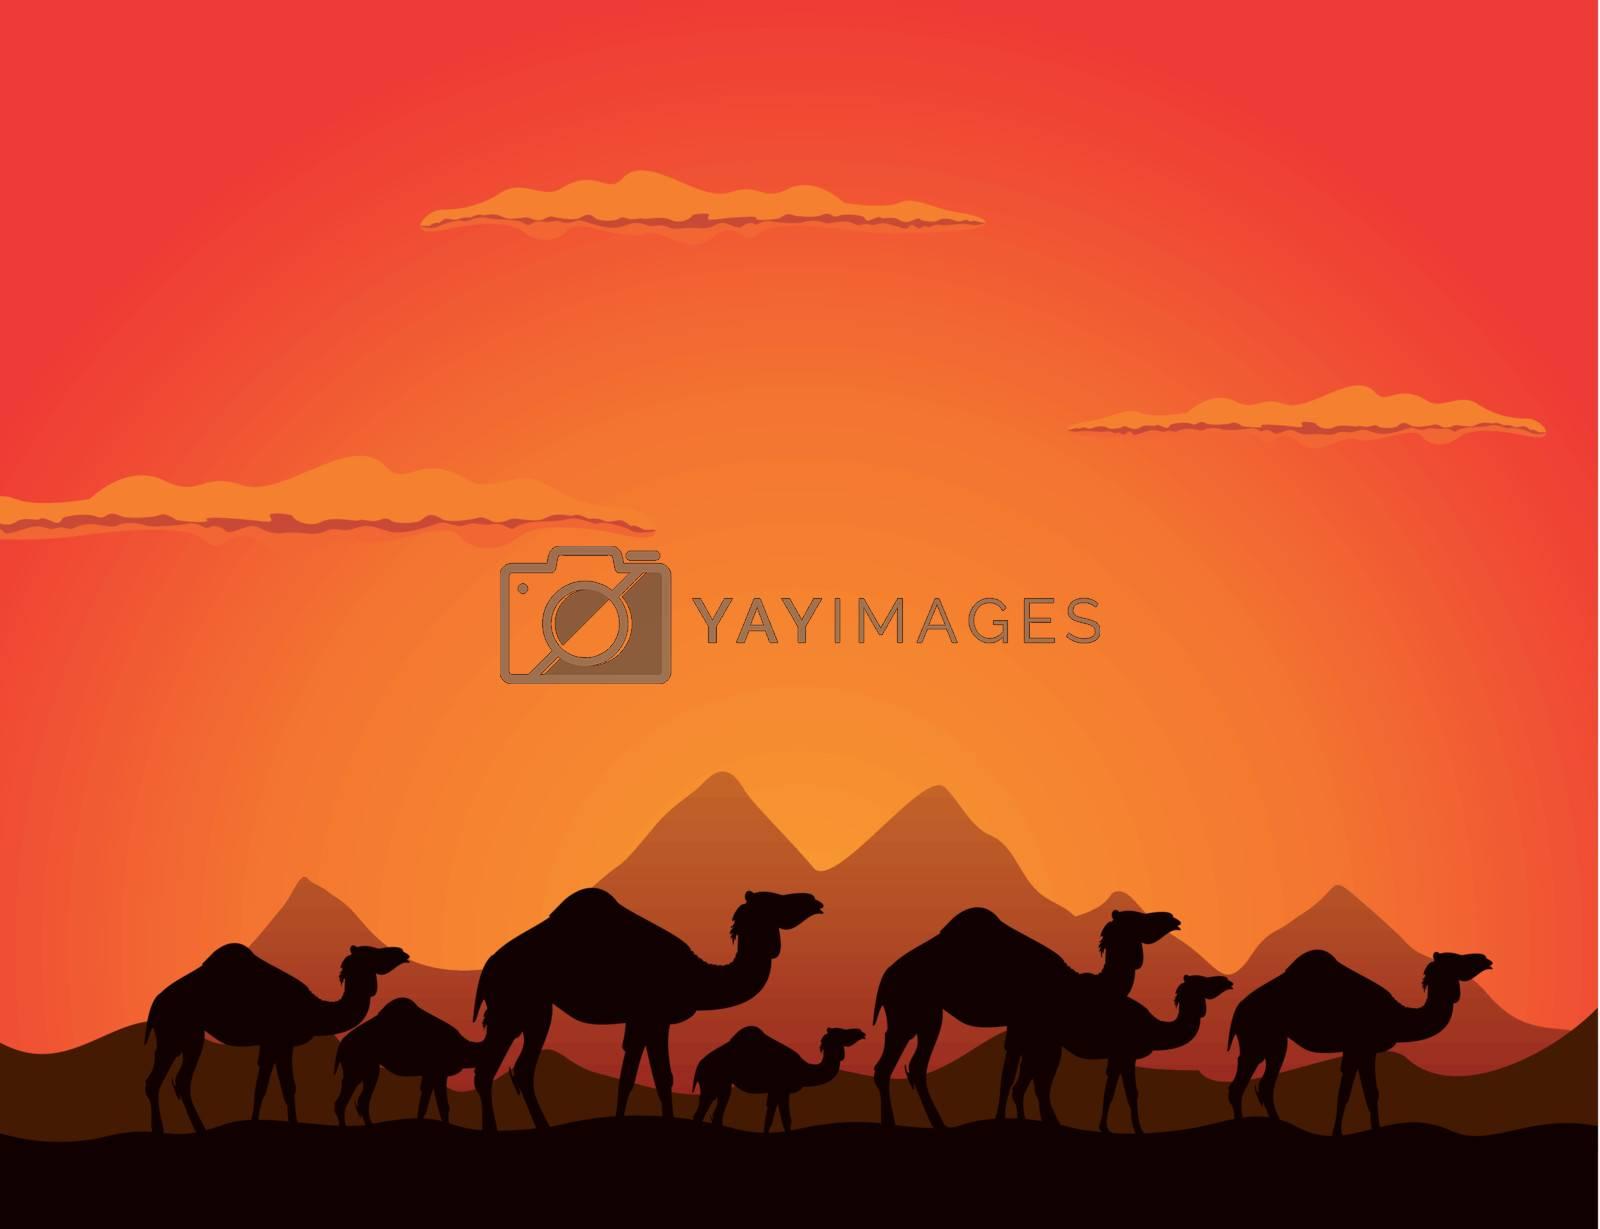 Caravan of camels go on deserts. A vector illustration